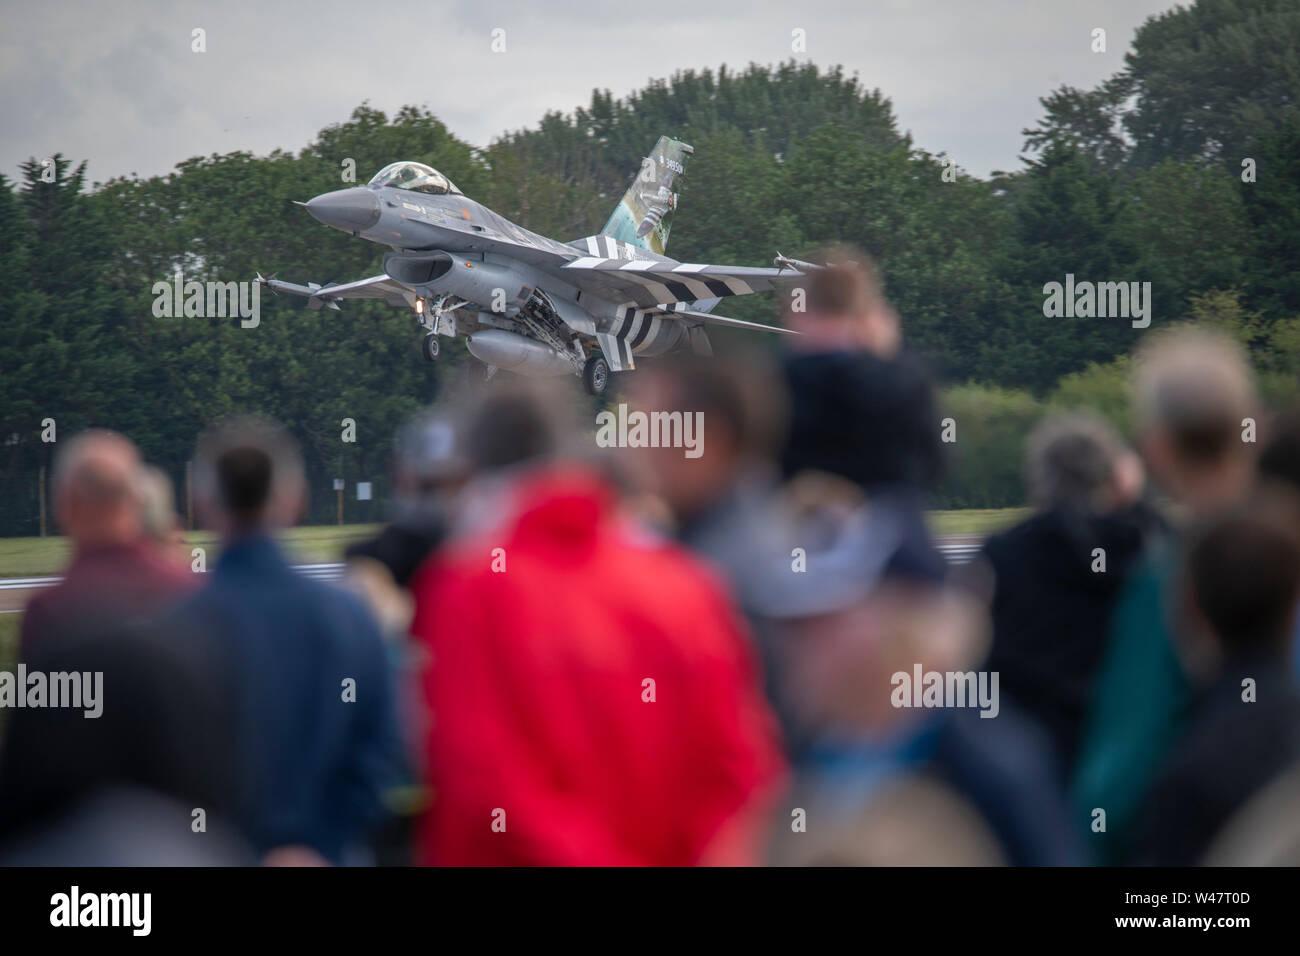 RAF Fairford, Glos, UK. 20 juillet 2019. Jour 2 de la Royal International Air Tattoo (RIAT) avec des avions militaires de partout dans le monde de l'assemblage à l'élite de l'aéronautique avec une démonstration de vol par beau temps. De droit: Belgian Air Component F-16 Fighting Falcon de démonstration. Credit: Malcolm Park/Alamy Live News. Banque D'Images